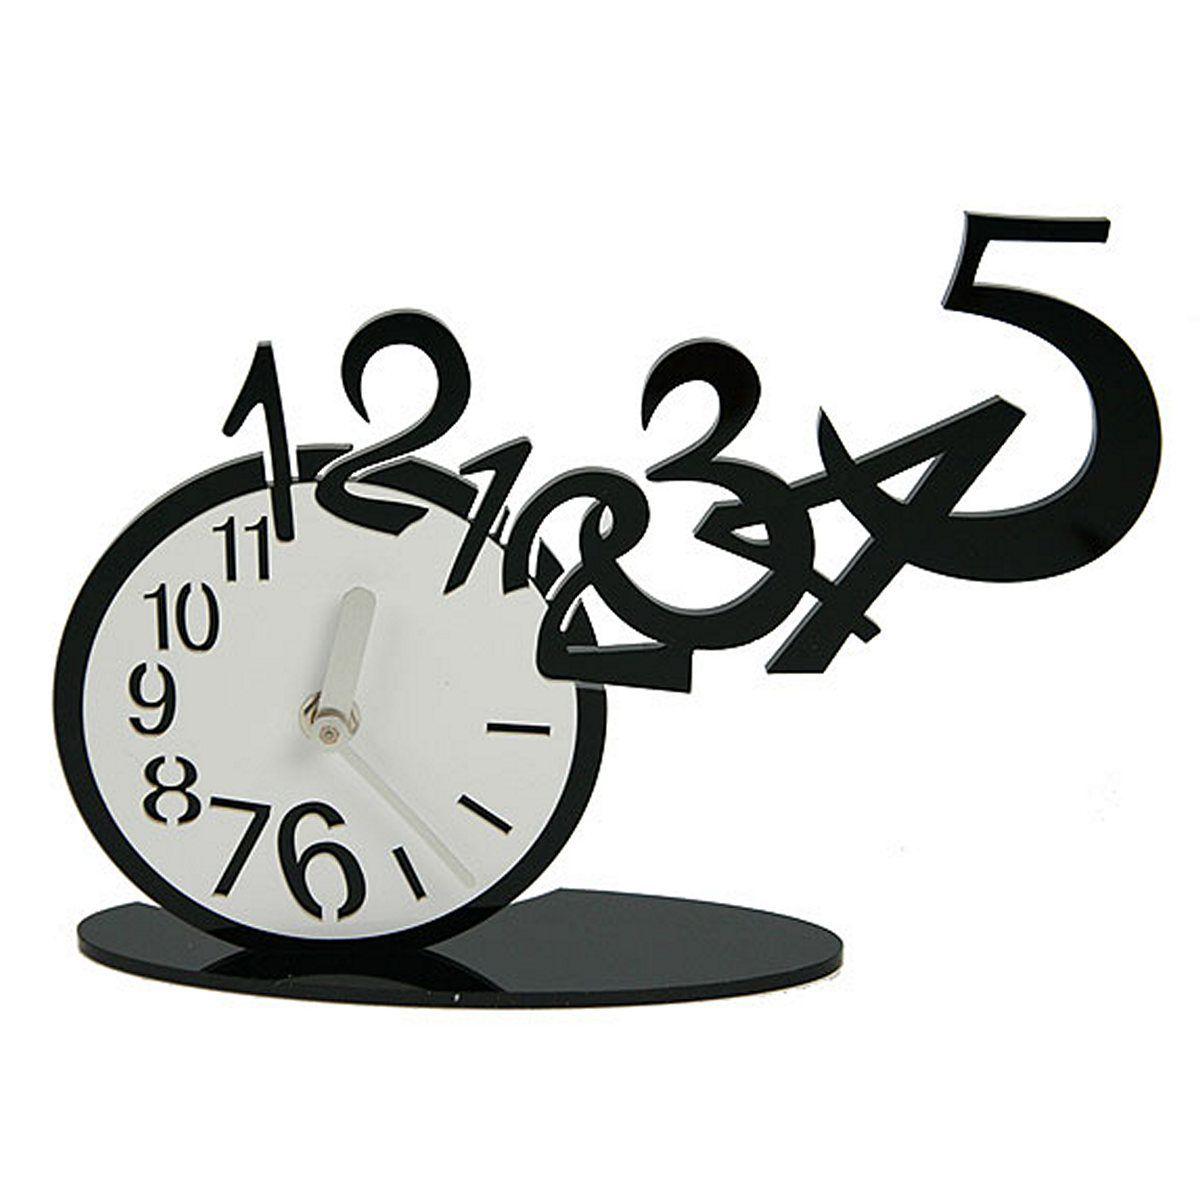 Часы настольные Русские Подарки, 26 х 16 см. 122423122423Настольные кварцевые часы Русские Подарки изготовлены из полиамида. Корпус оригинально оформлен. Часы имеют две стрелки - часовую и минутную. Такие часы украсят интерьер дома или рабочий стол в офисе. Также часы могут стать уникальным, полезным подарком для родственников, коллег, знакомых и близких. Часы работают от батареек типа АА (в комплект не входят).